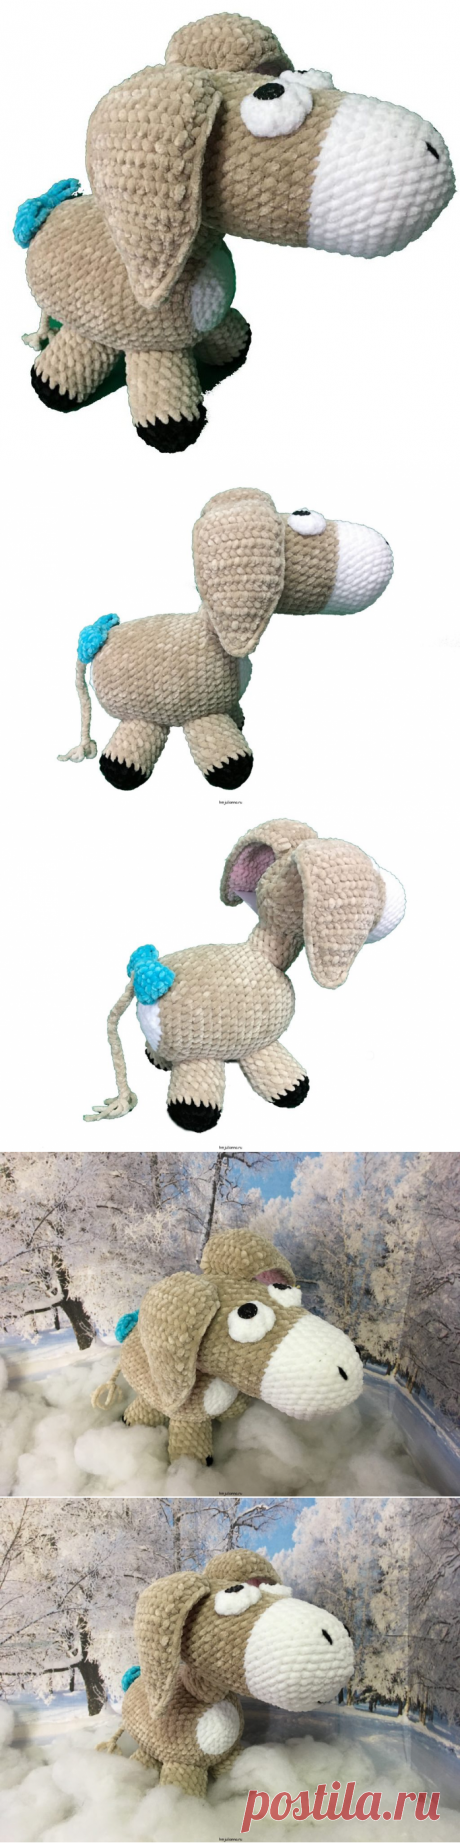 Ослик ИА игрушка, плюшевая из мультика Винни-Пух, 28см, Купить!Мастерская рукоделия Анны Ганоцкой